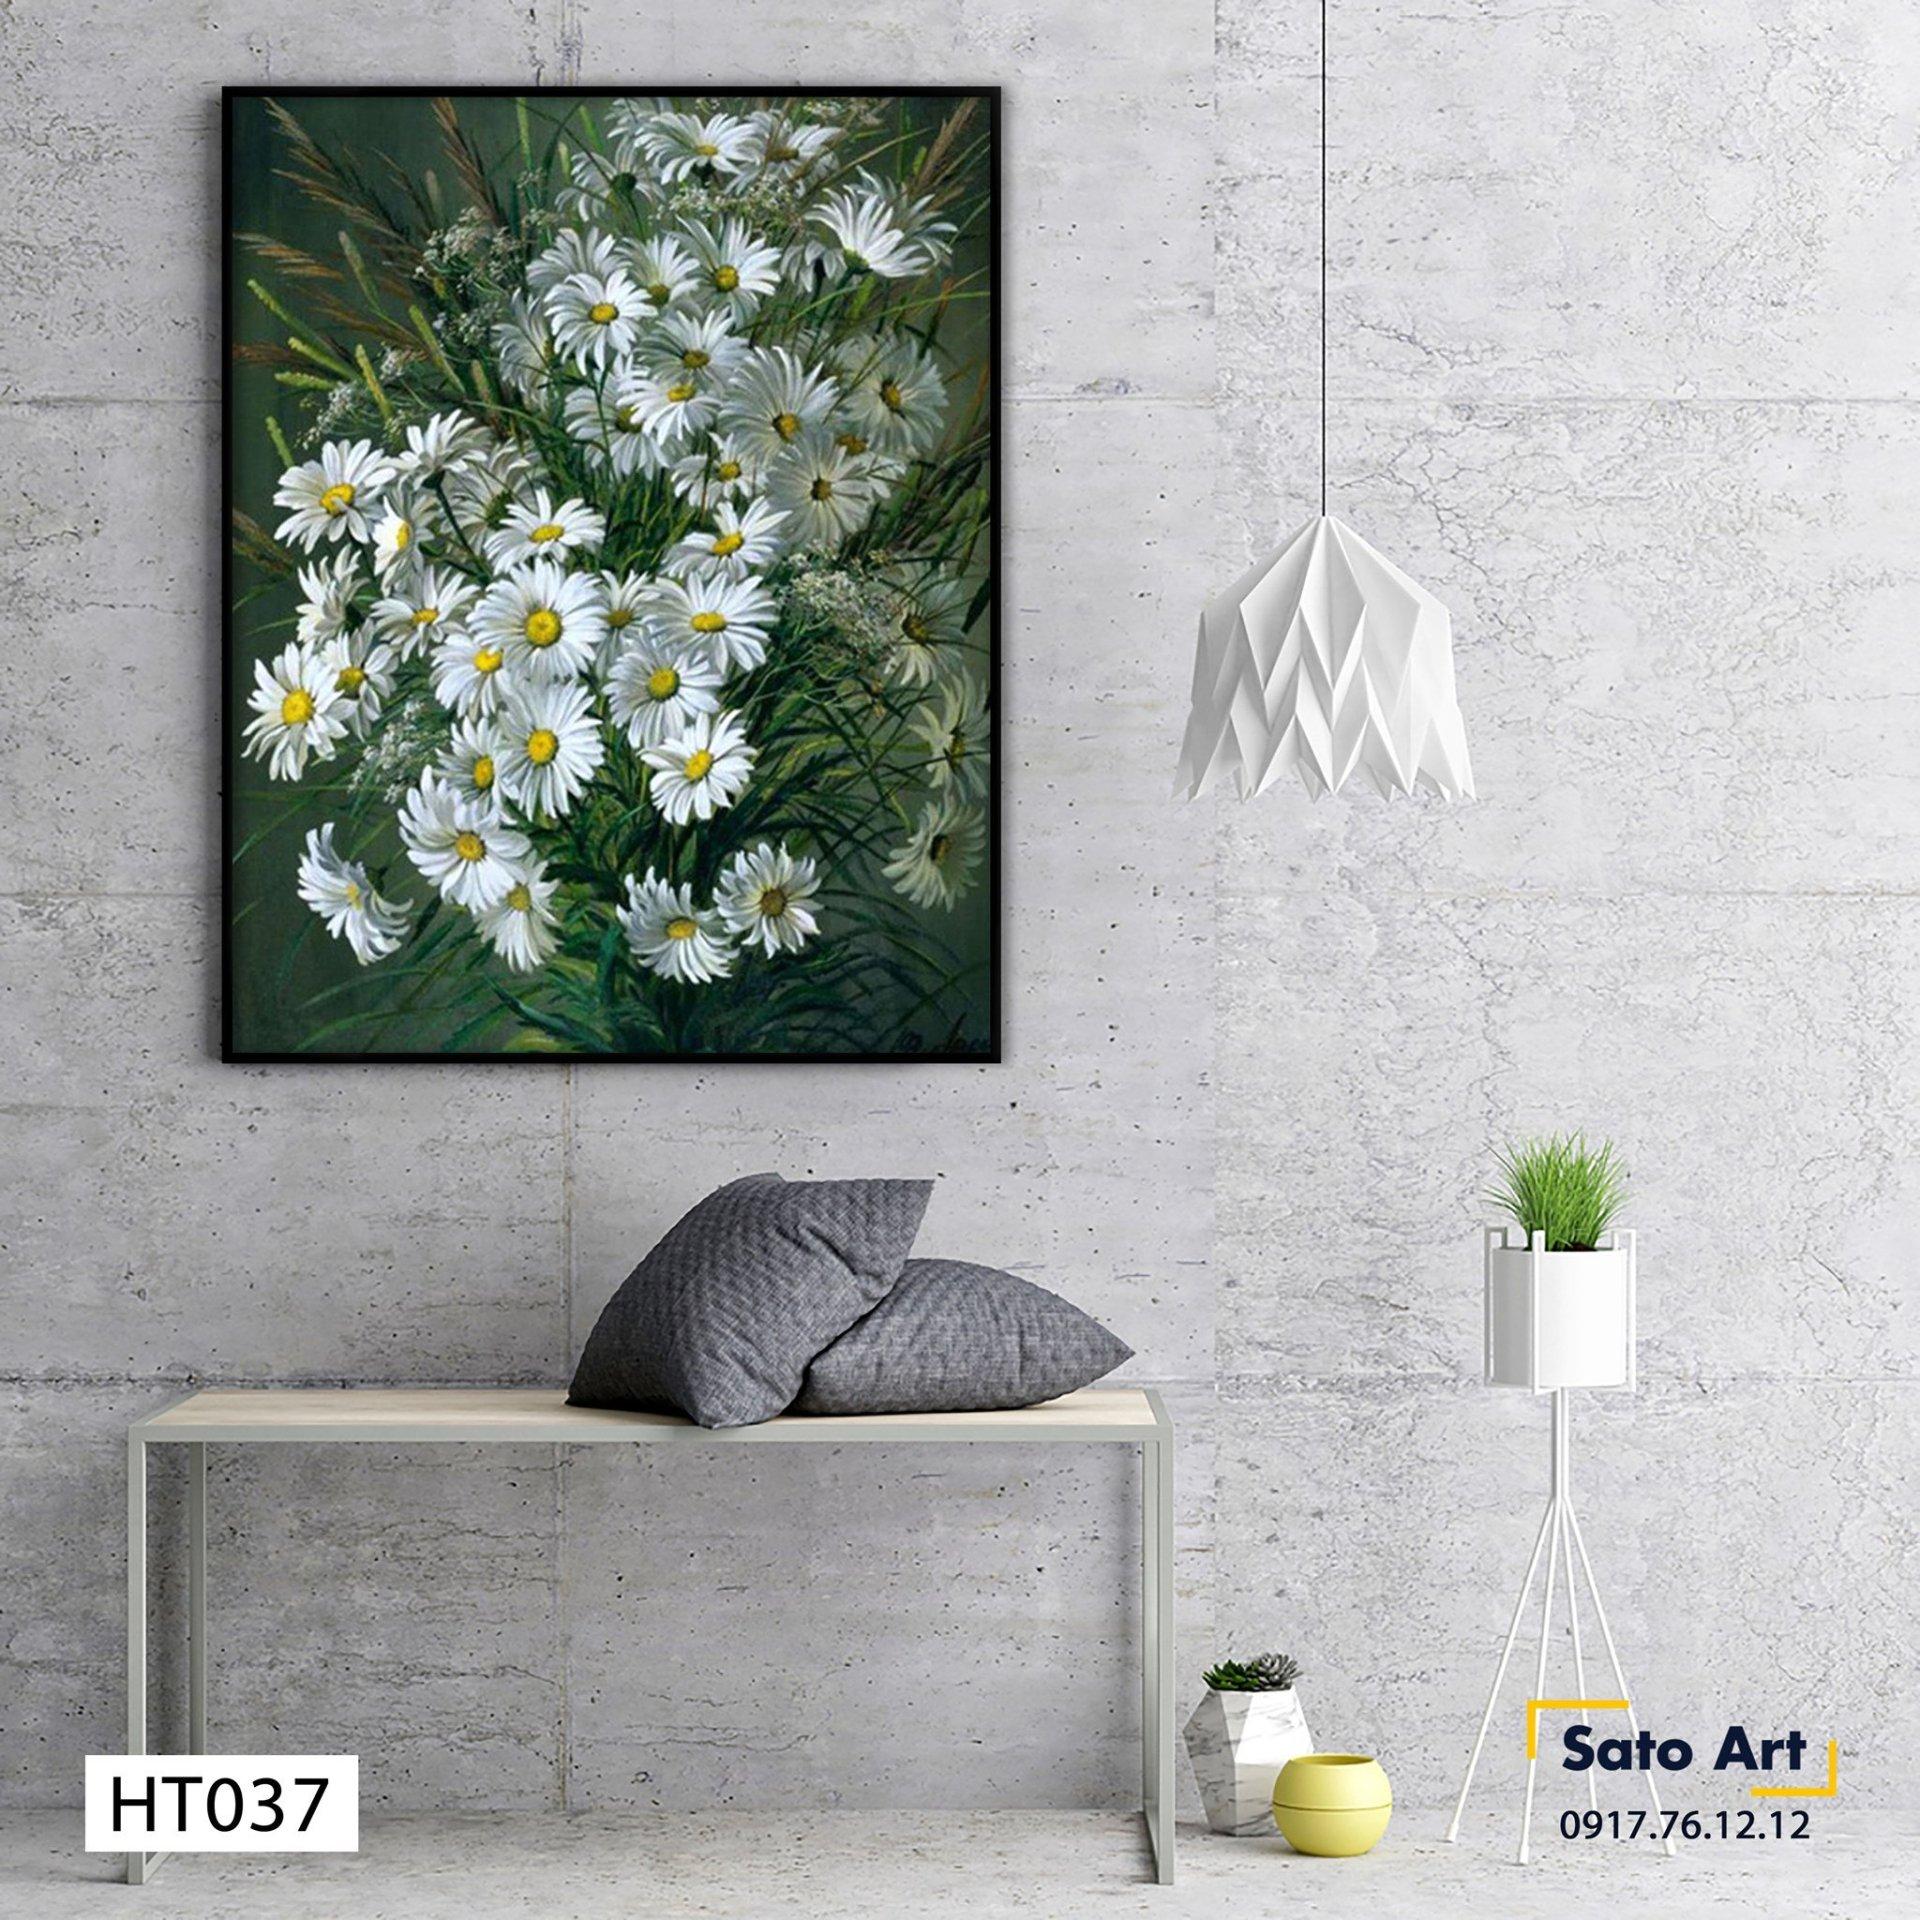 Tranh sơn dầu hoa cúc cao cấp